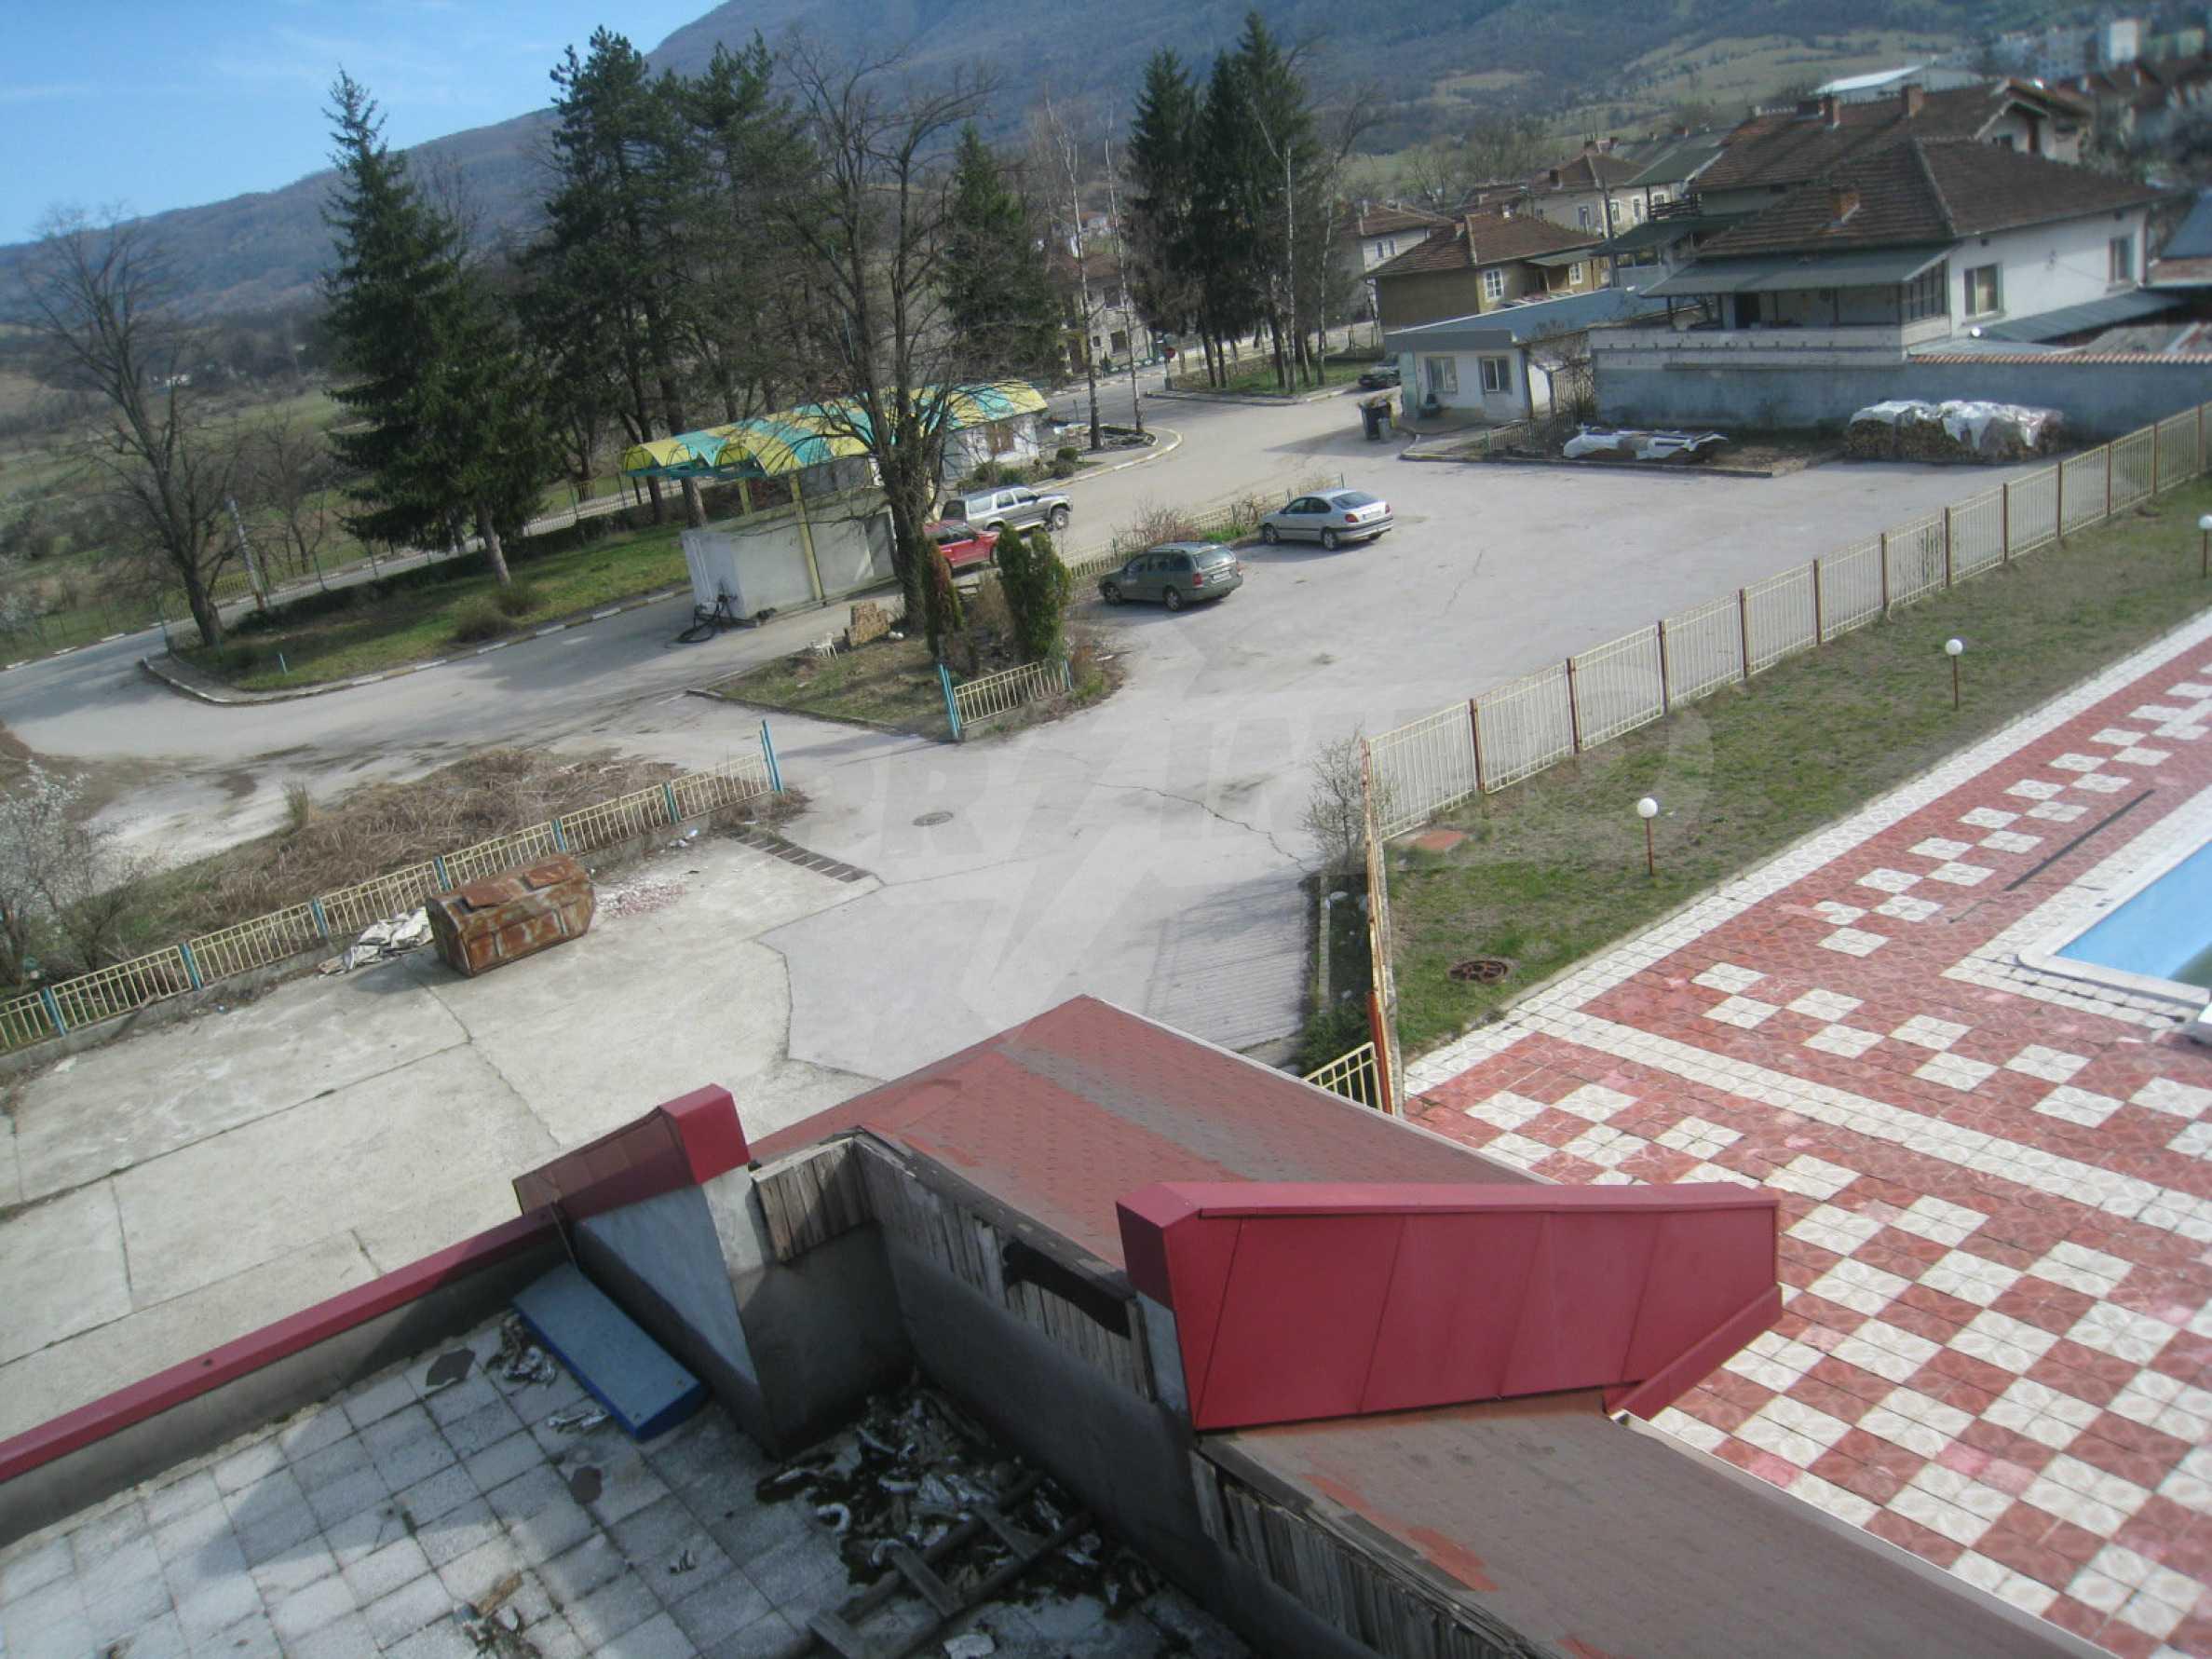 Hotelanlage mit Schwimmbad, Tankstelle und großem Grundstück in Etropole 28